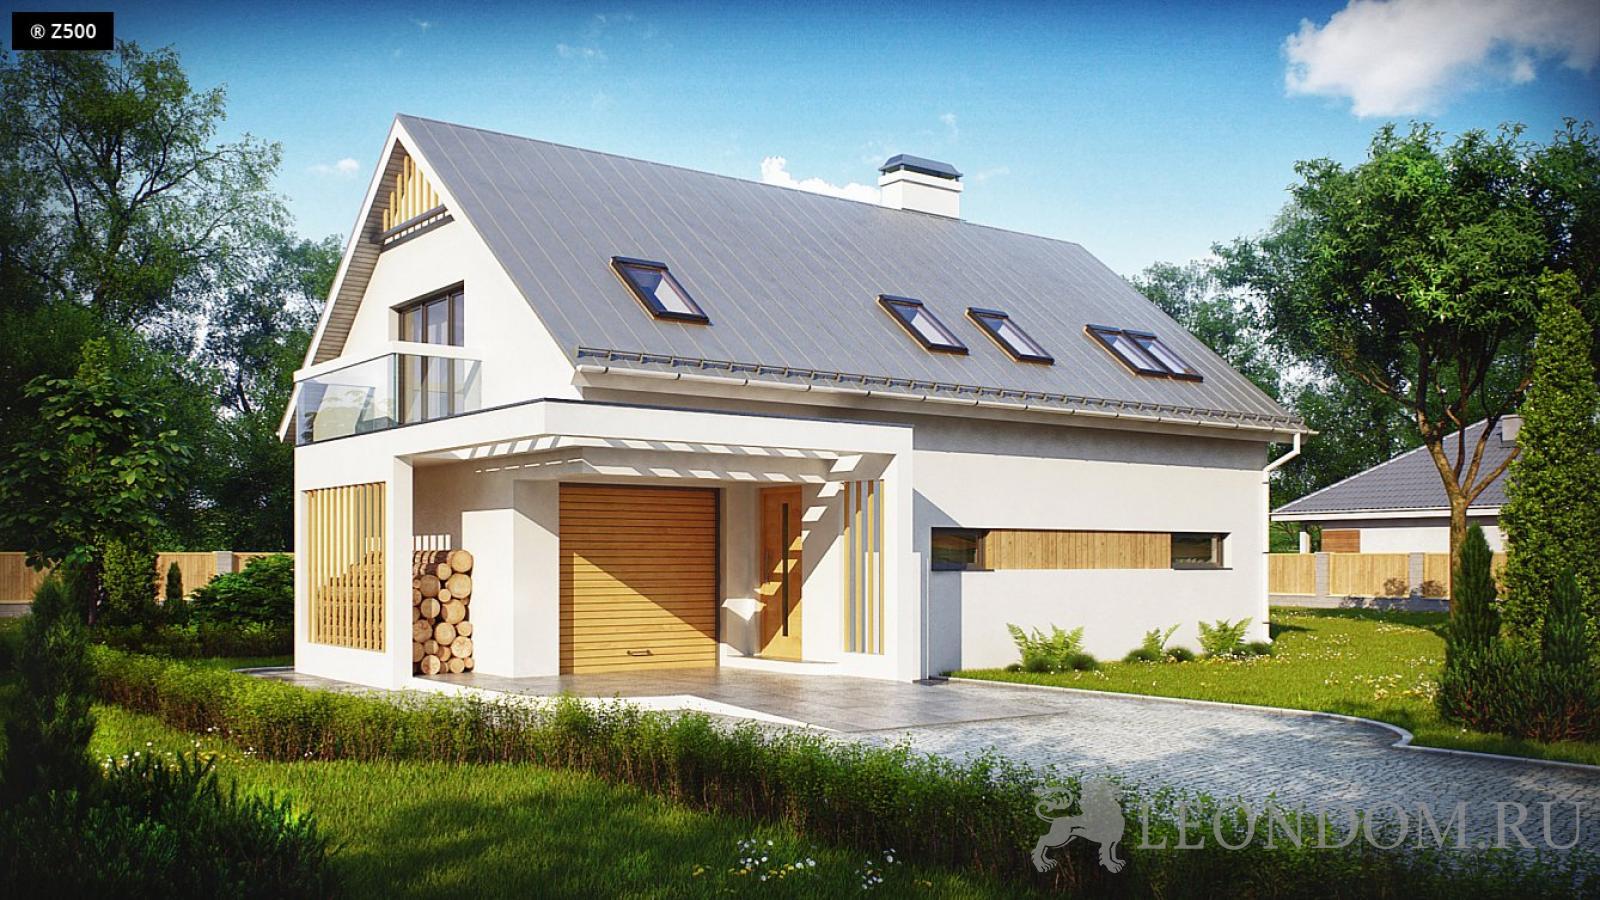 Проекты домов с пристроенным гаражом, под одной крышей - par.